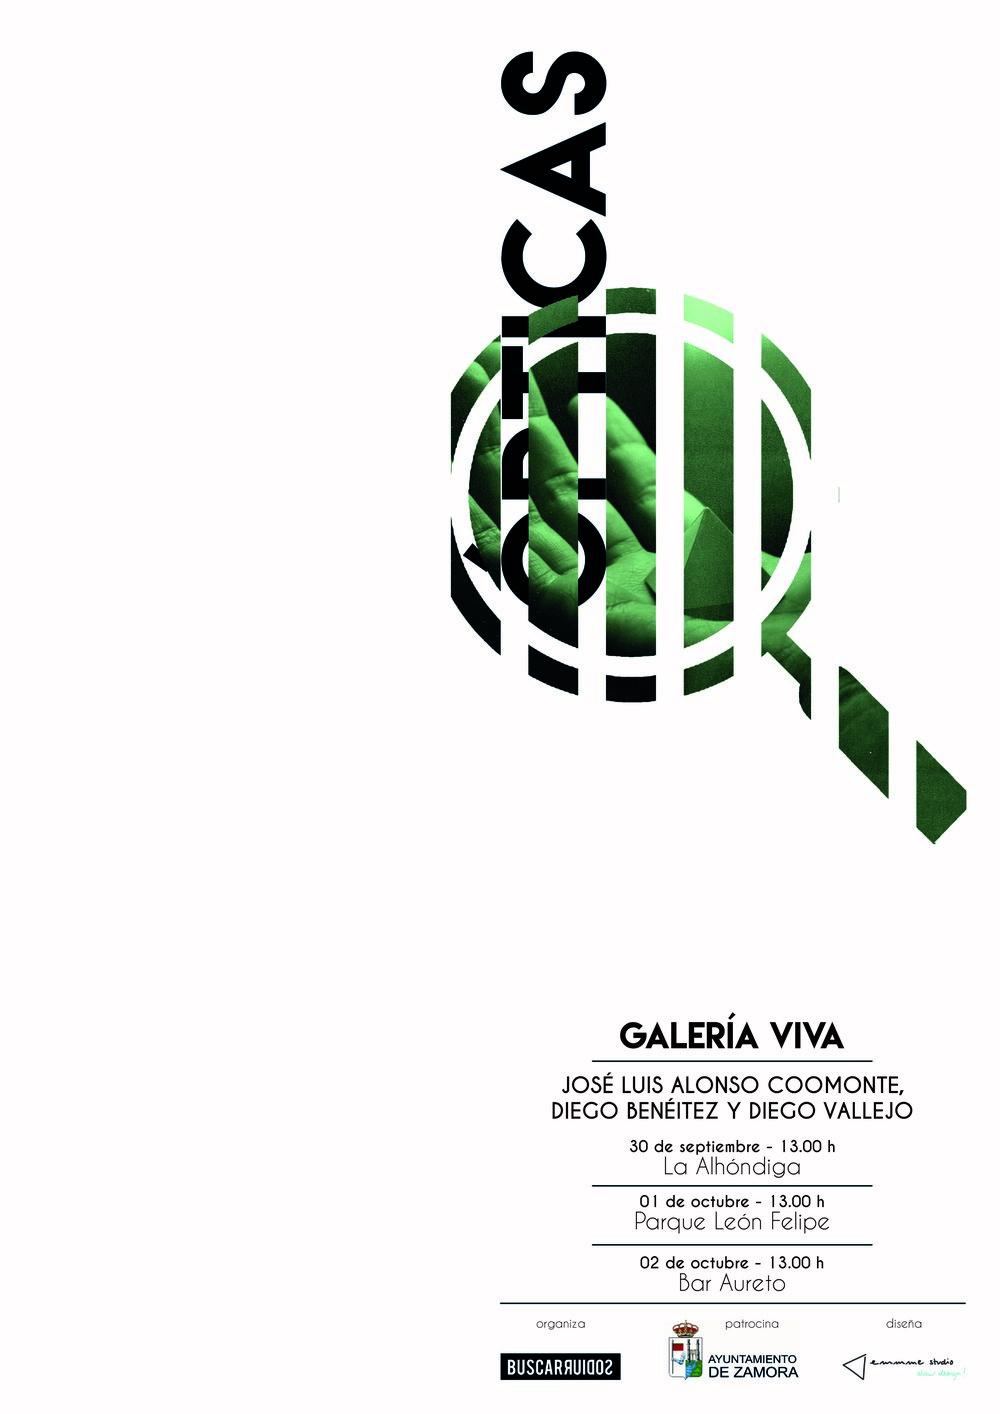 Galería Viva Zamora 2016 - cartel Ópticas - Jose Luis Alonso Coomonte Diego Benéitez y Diego Vallejo.jpg